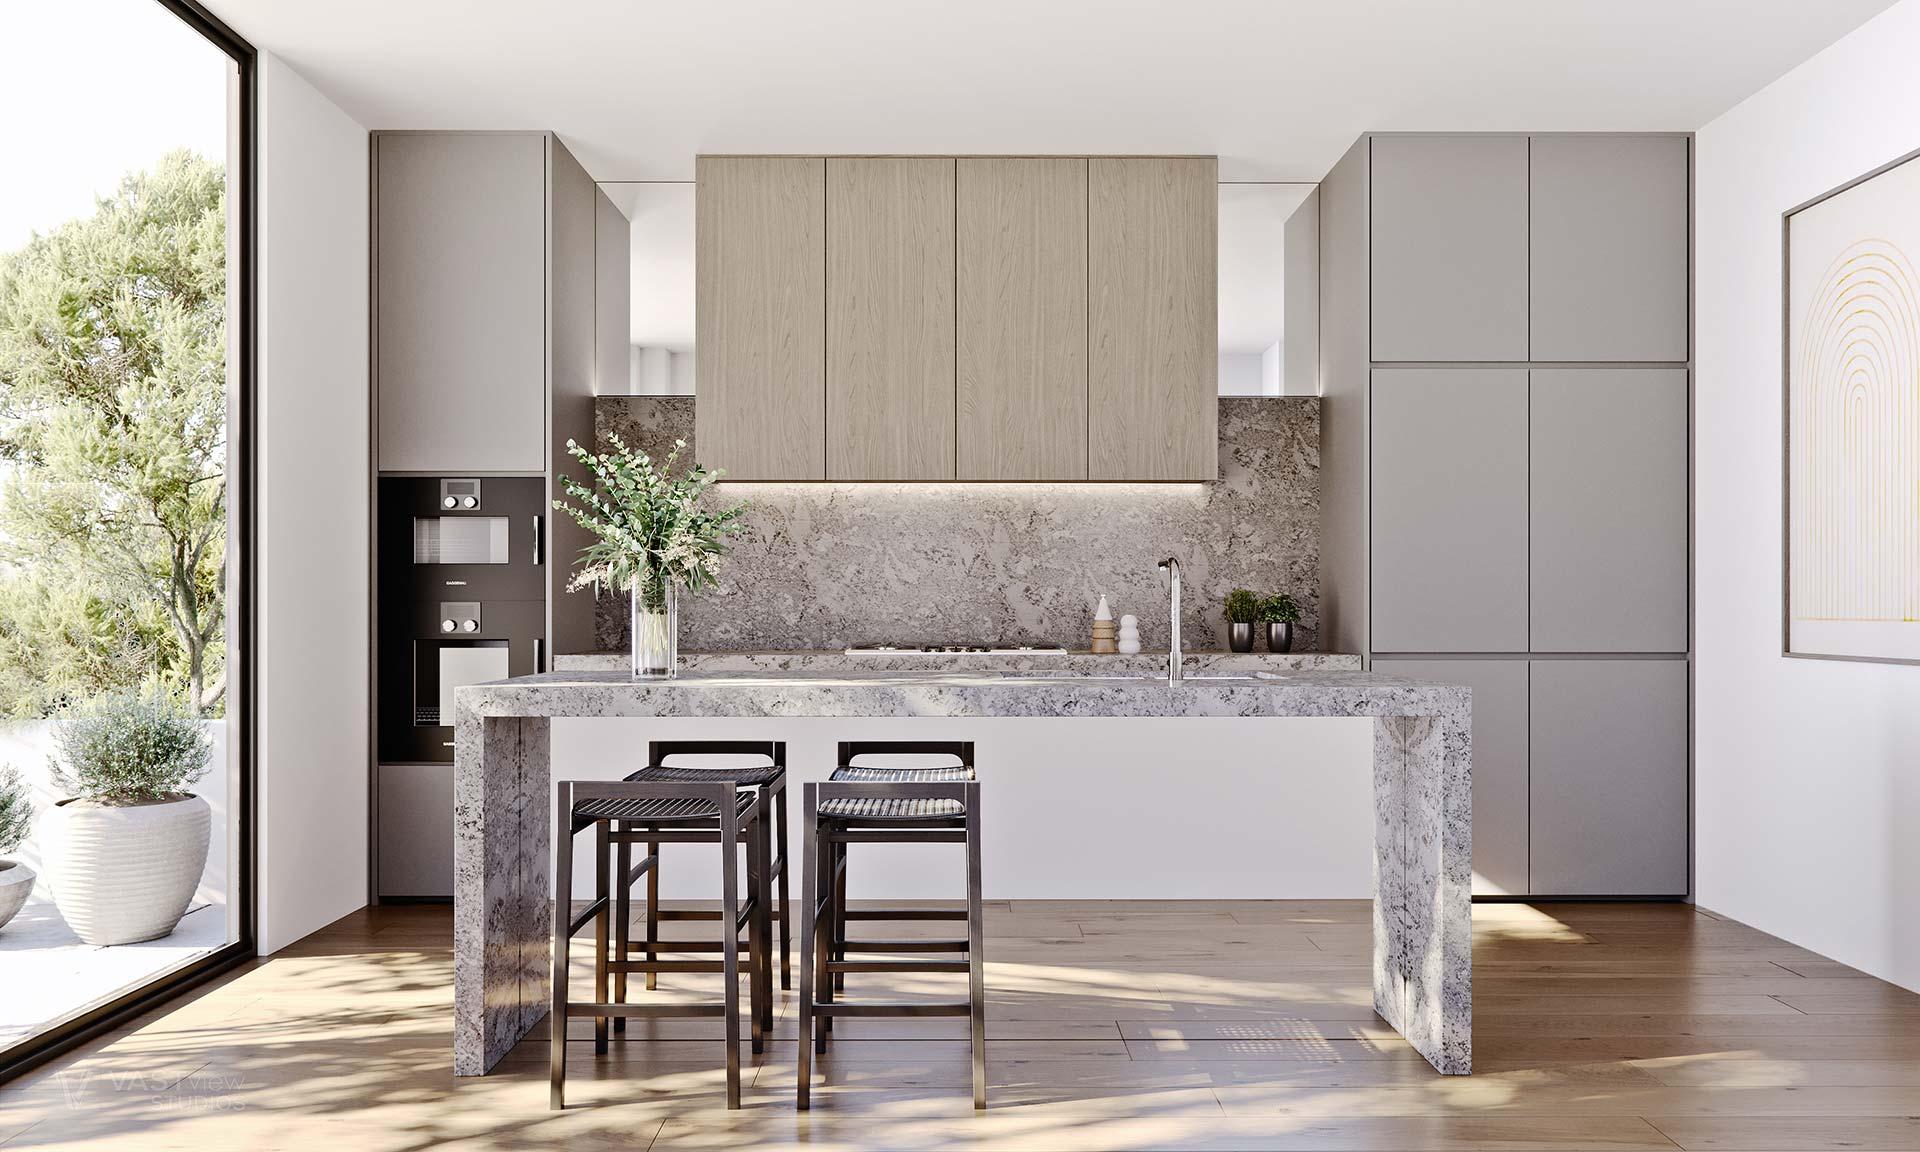 GrevilleSt_Kitchen_FinalRender_v1.0